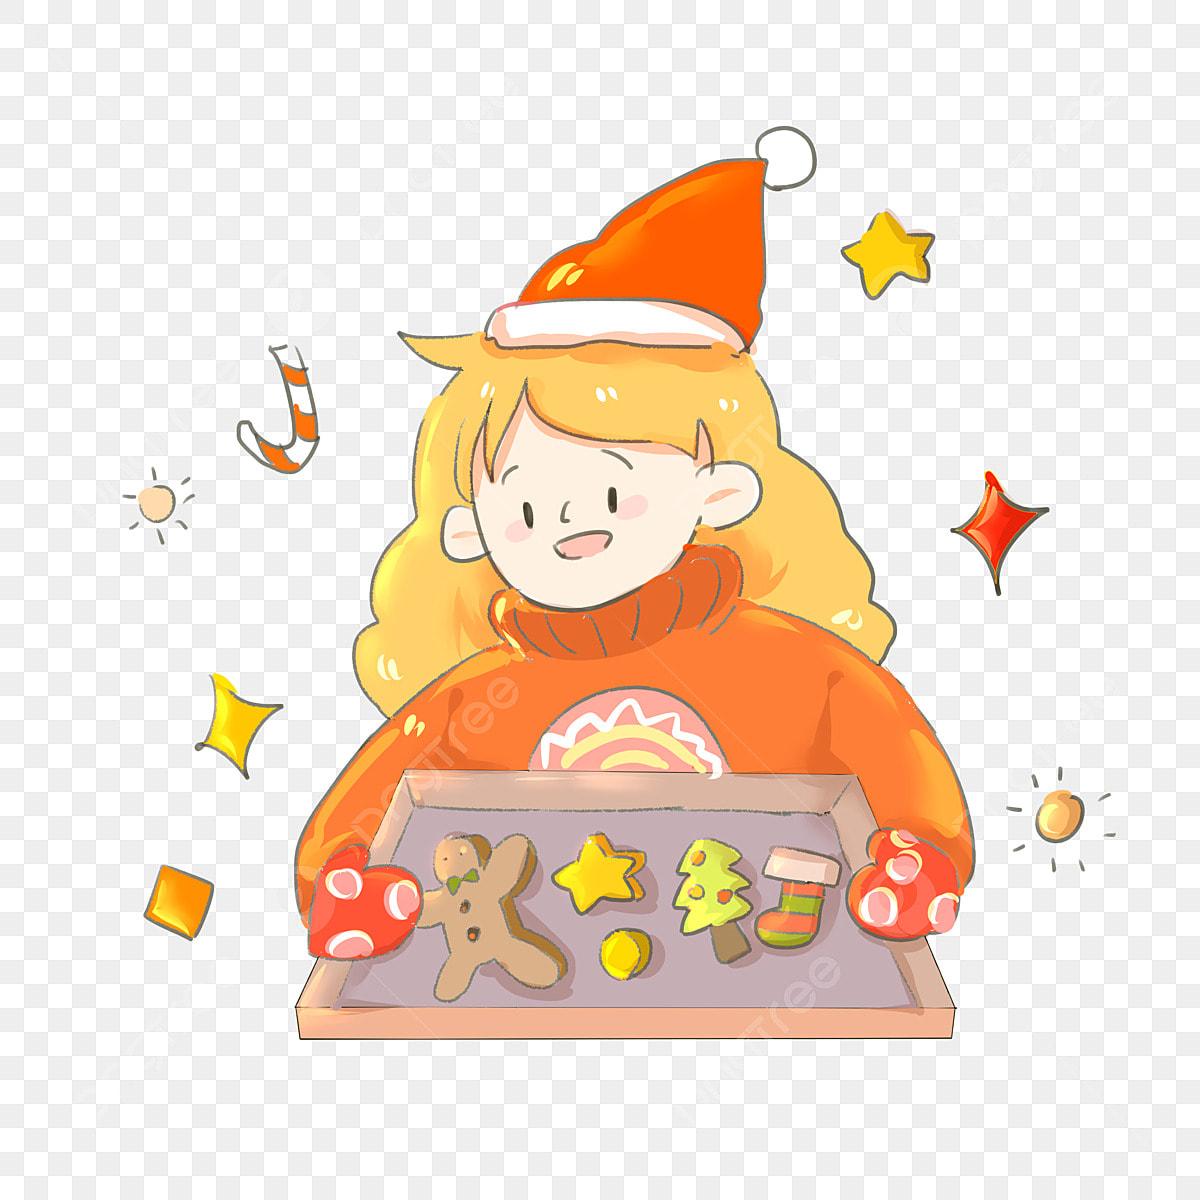 Imagenes De Galletas De Navidad Animadas.Calcetin De Navidad Galletas De Navidad Estrella Roja De